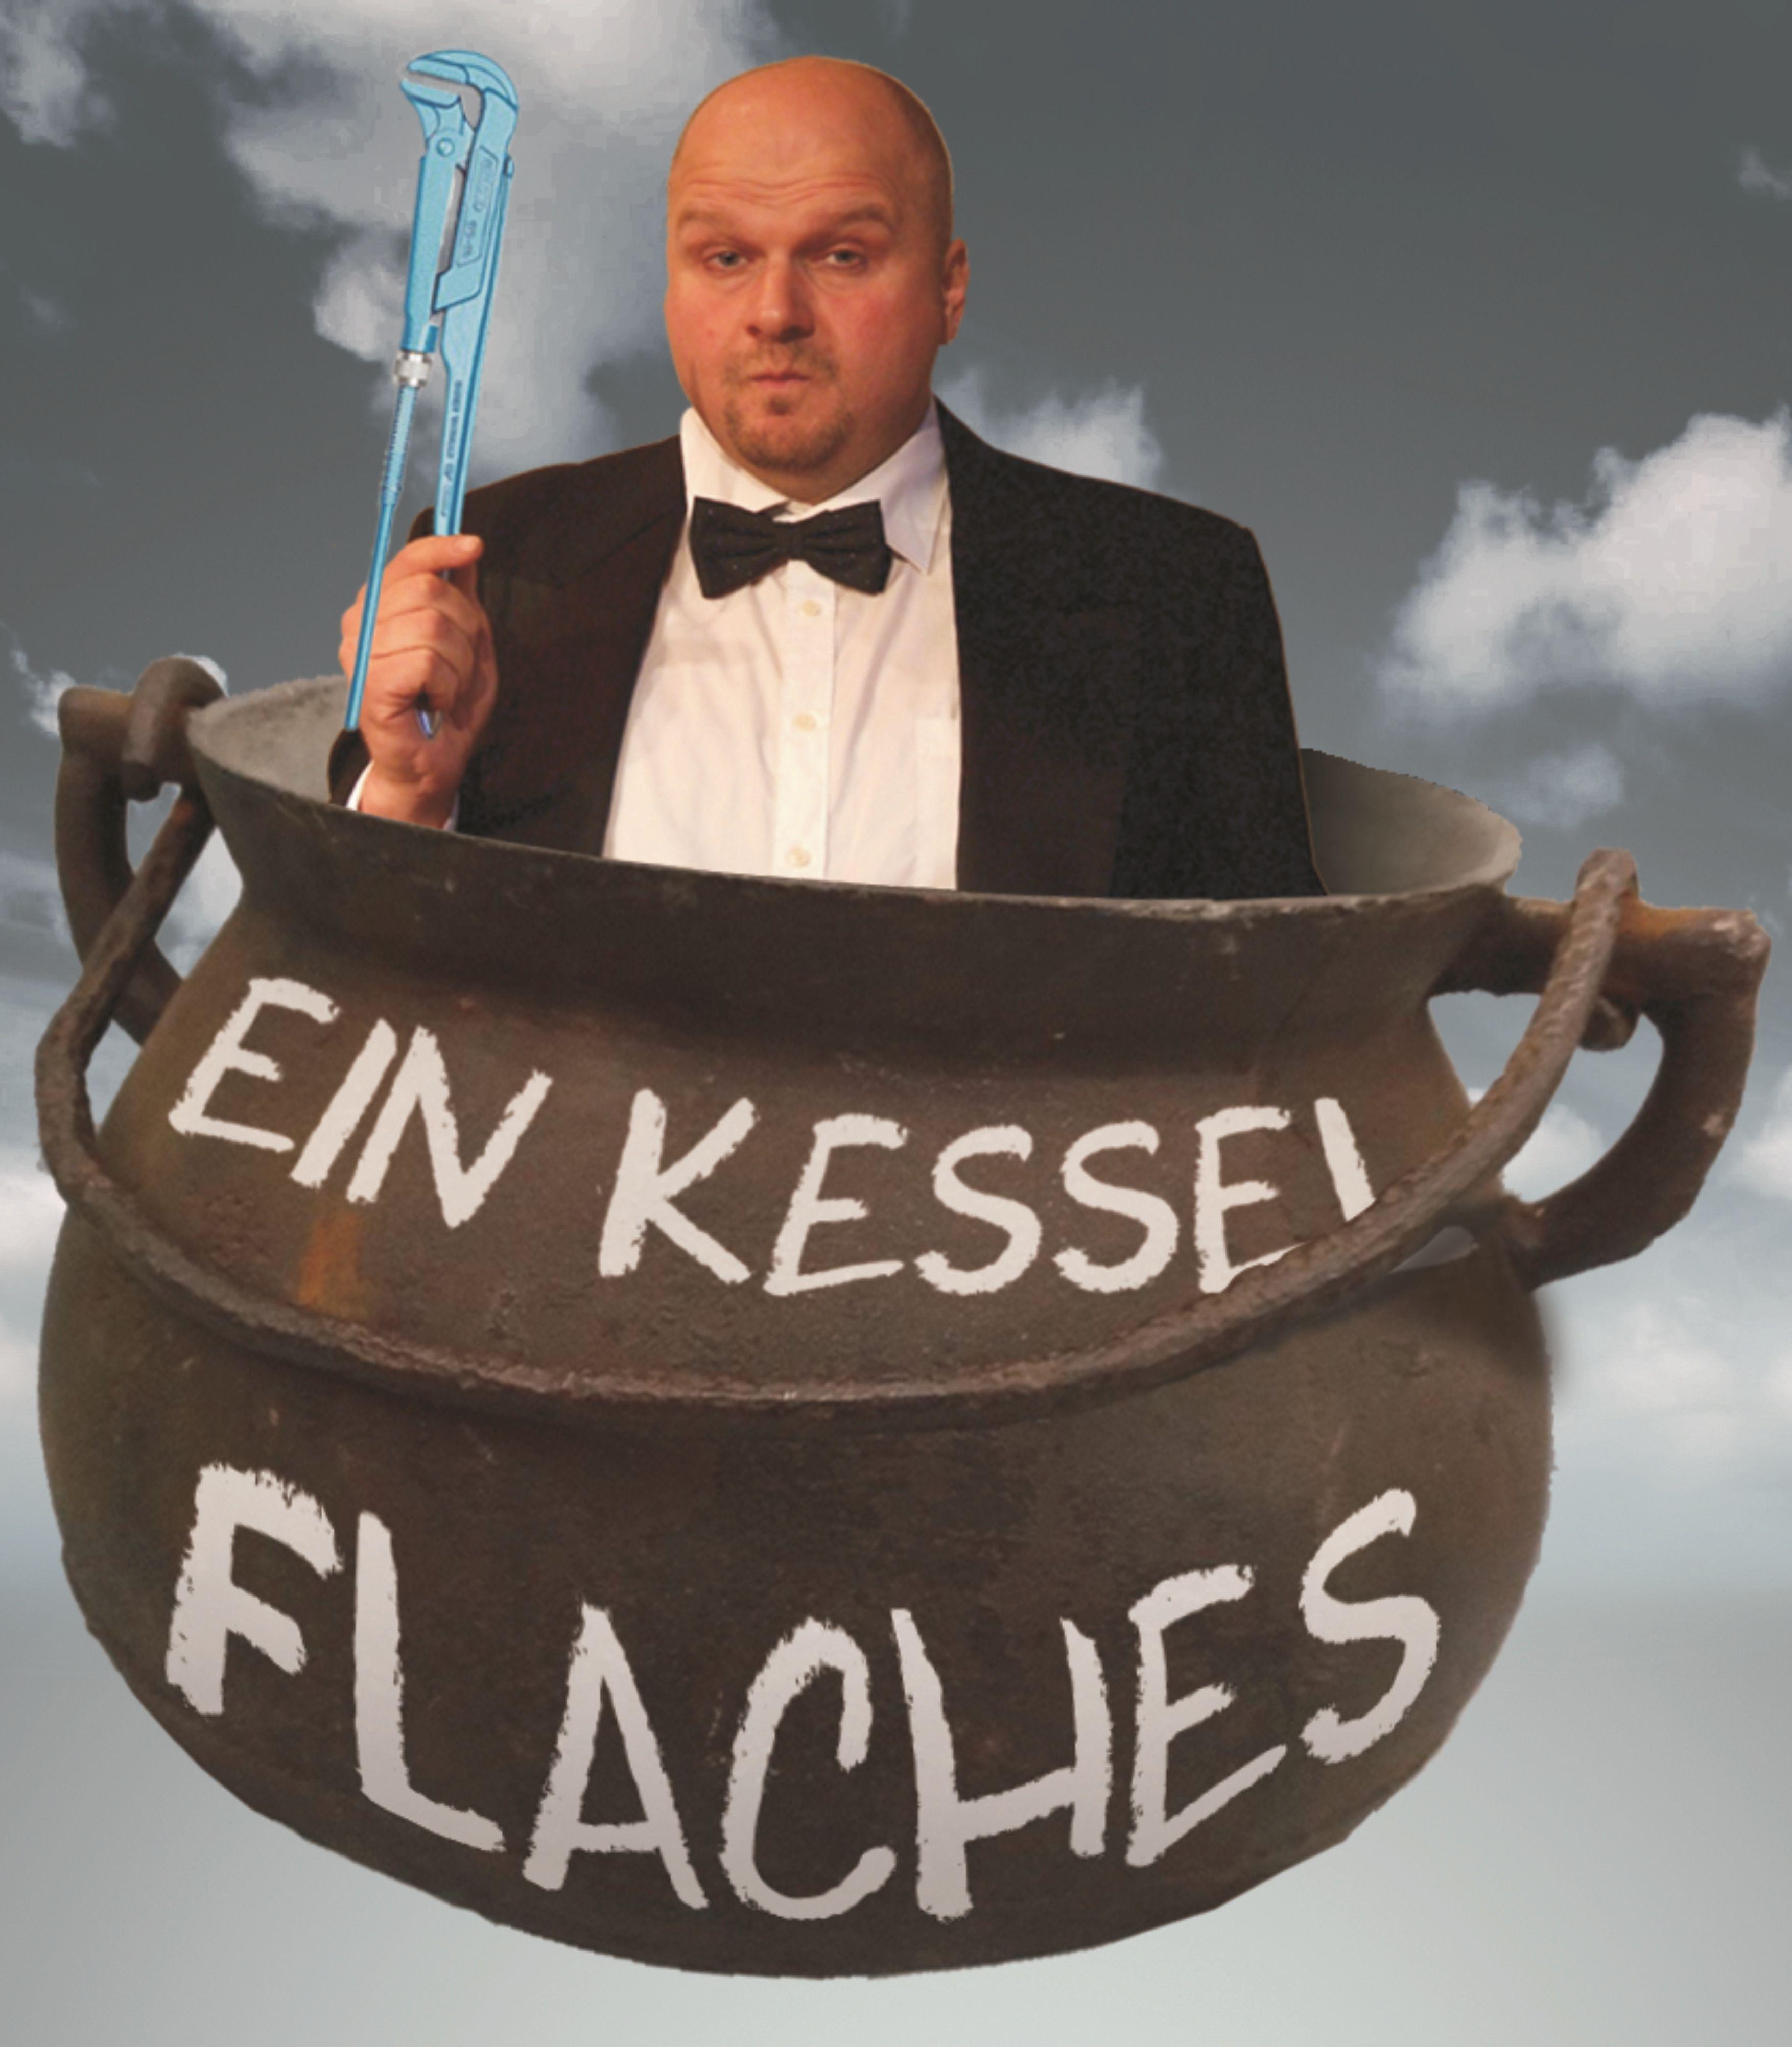 Peter Flache Ein Kessel Flaches Gastspiele